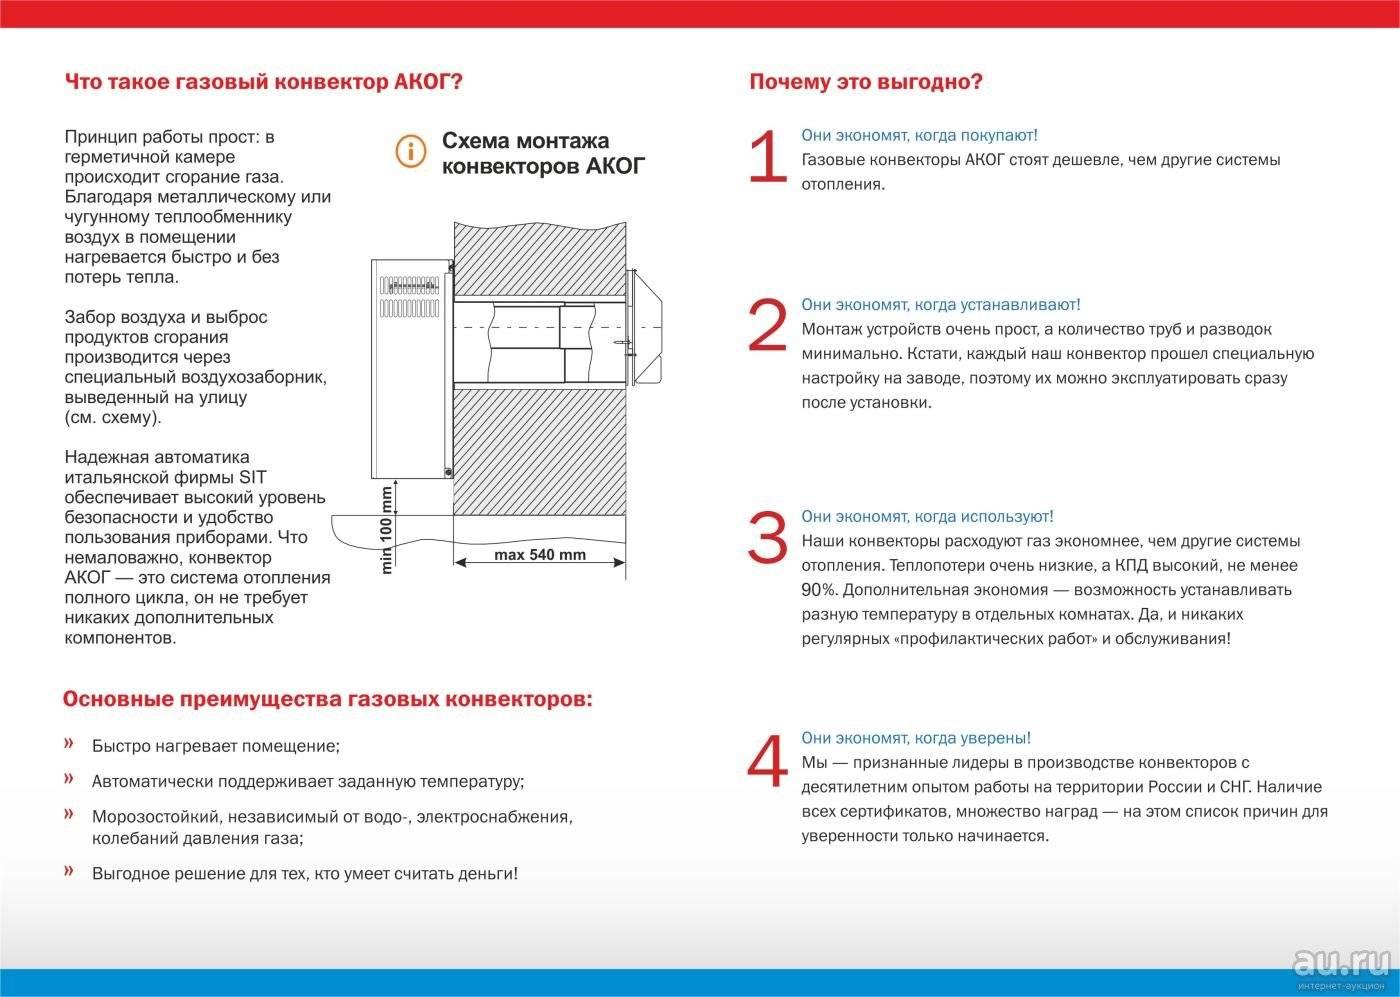 Газовые конвекторы: принцип работы, плюсы и минусы, правила установки и эксплуатации